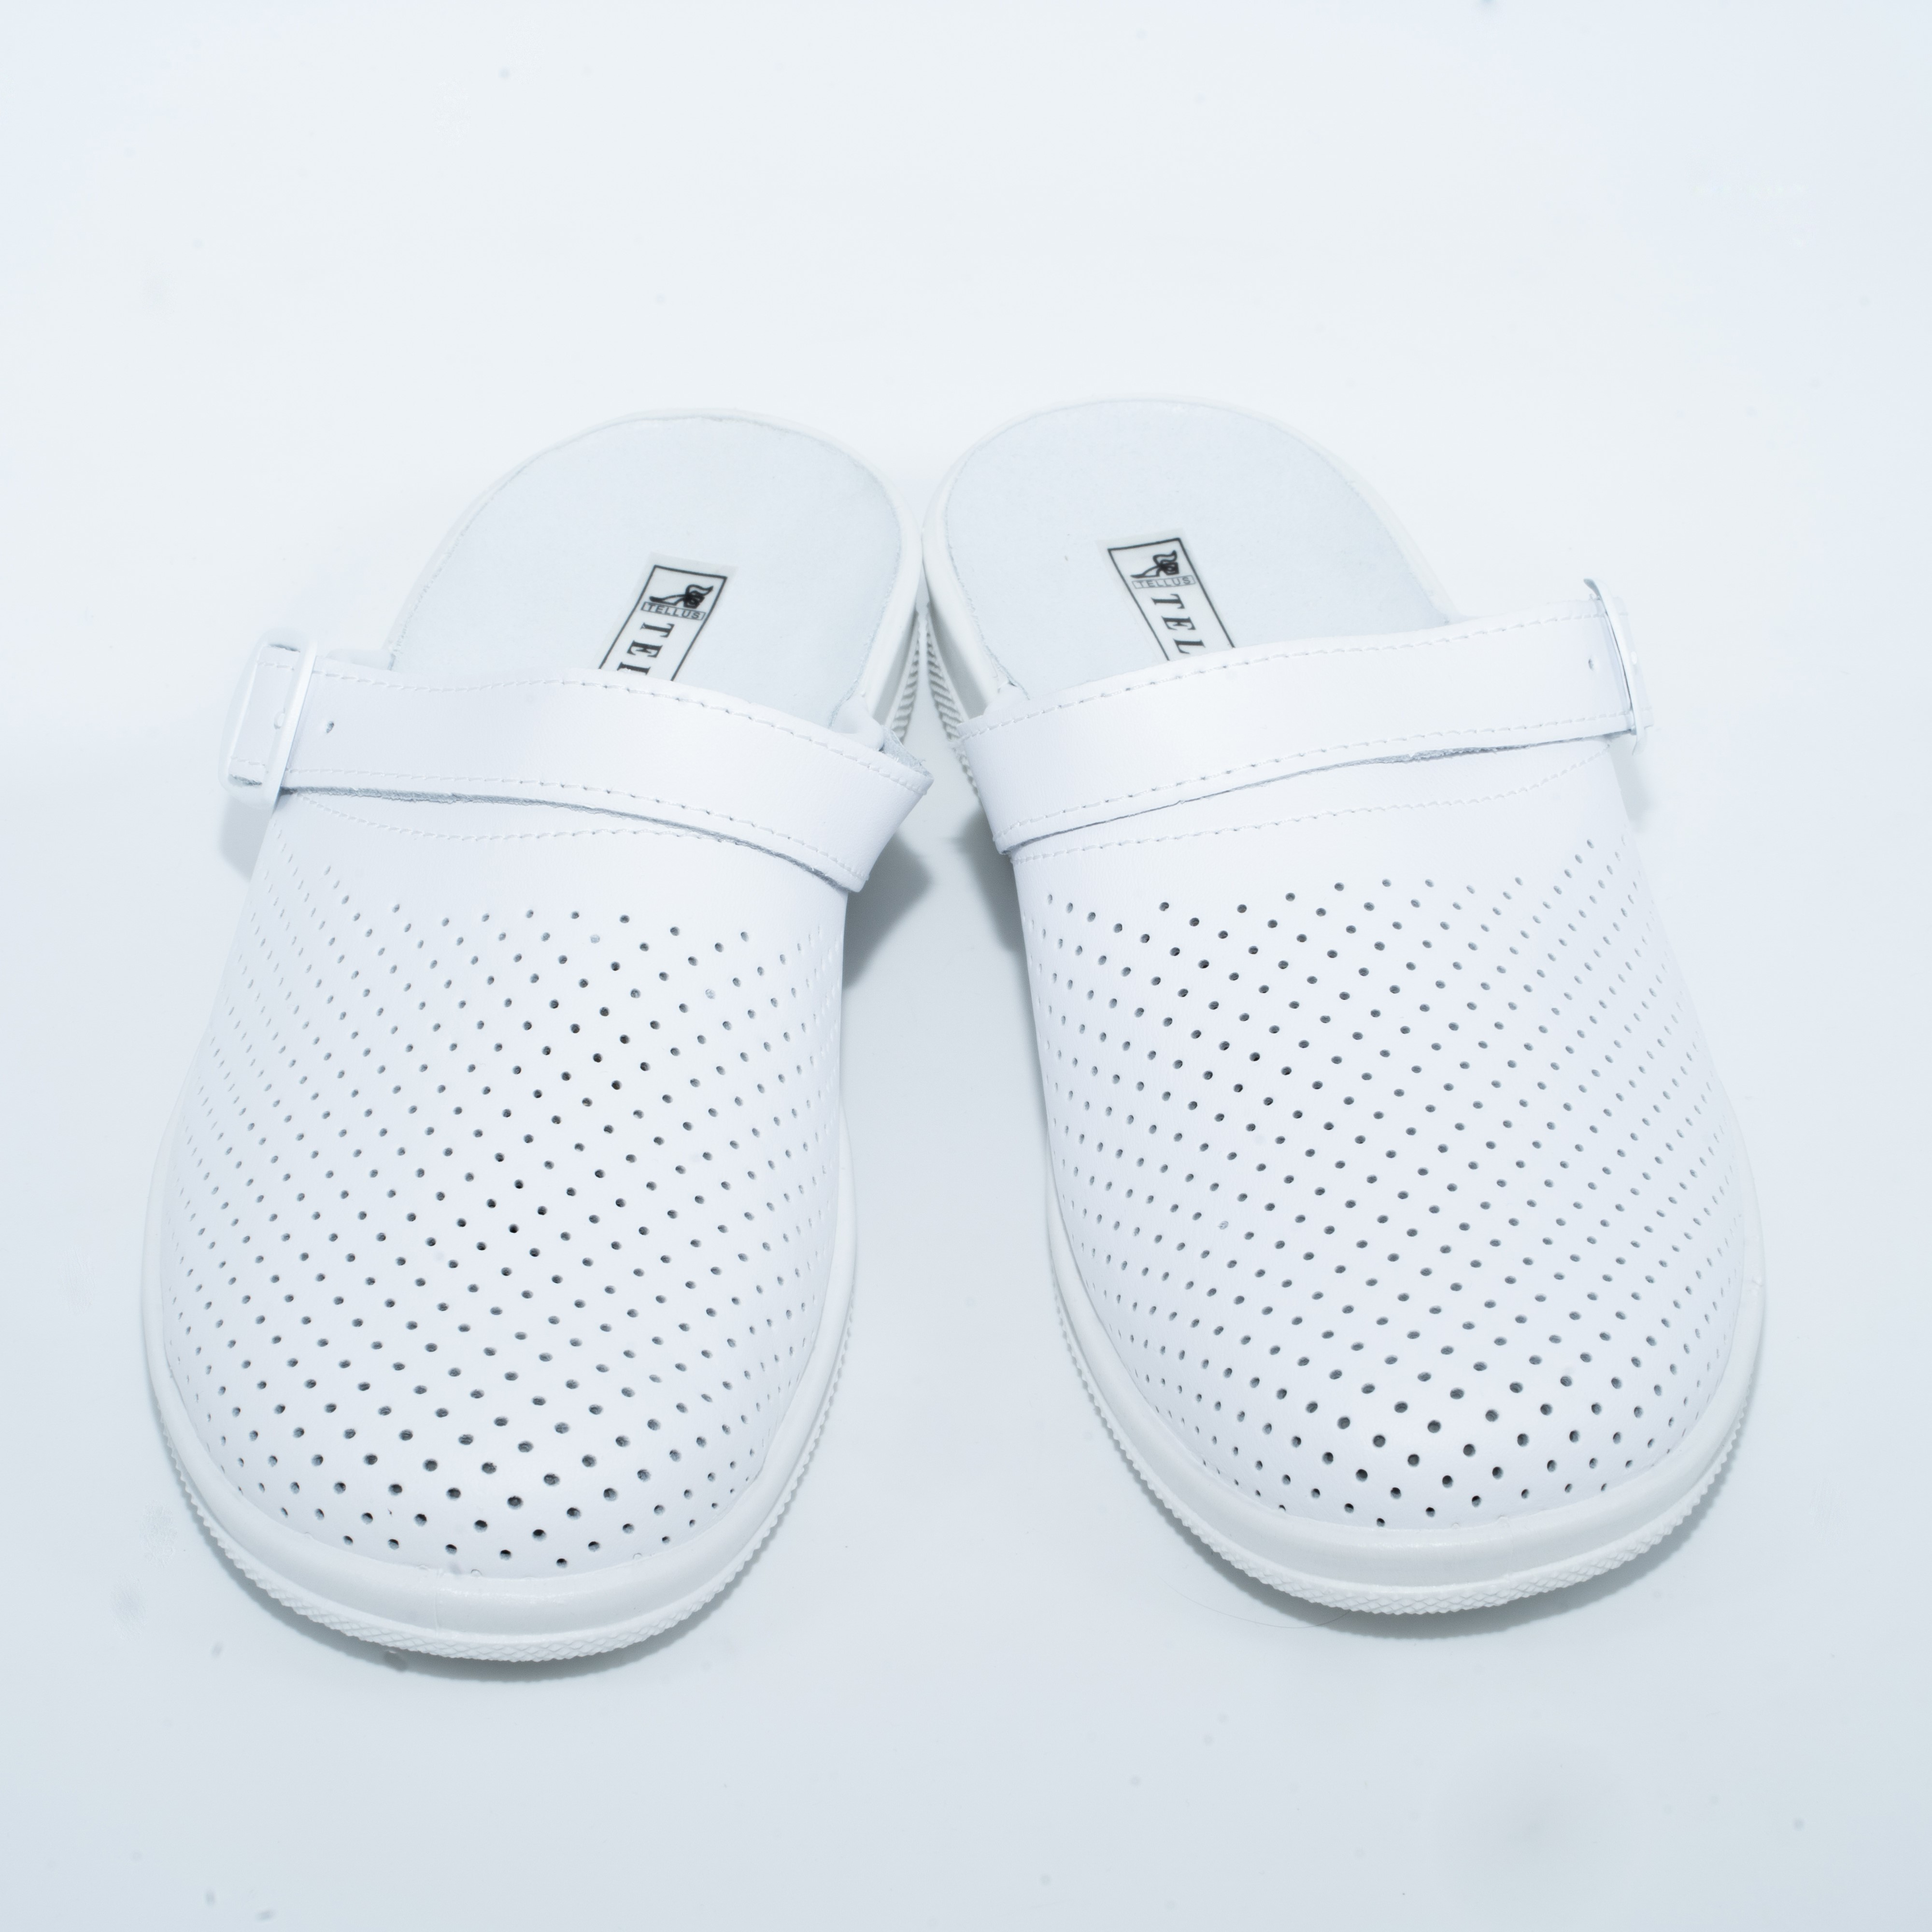 52-01 Обувь мужская  повседневная типо Сабо с верхом из кожи на подошве ПВХ ( белый)